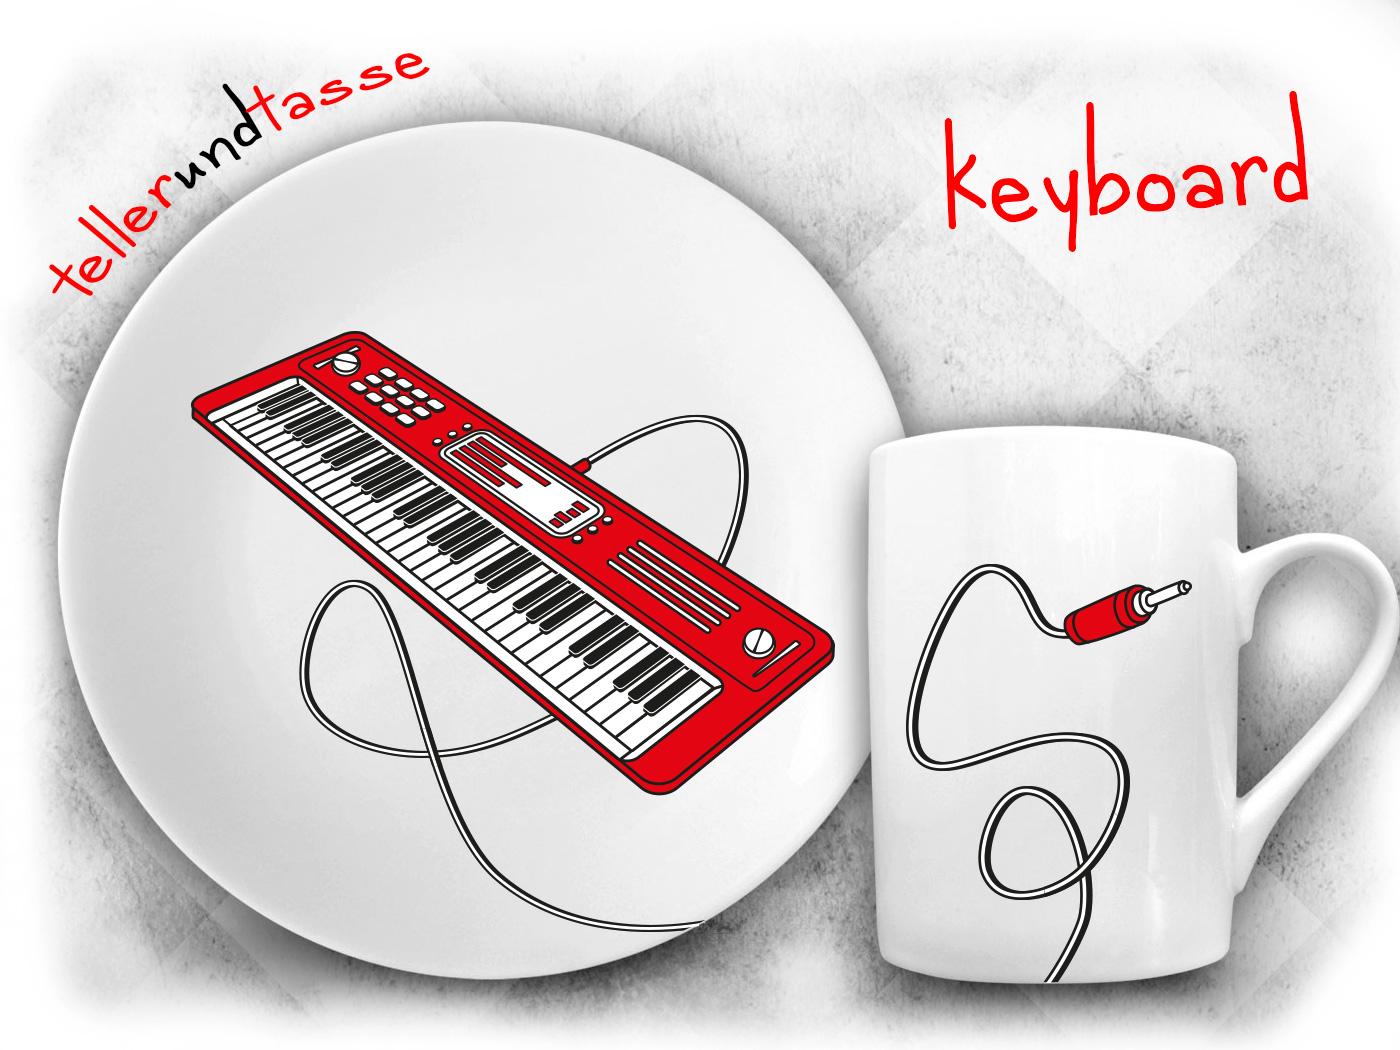 Keyboard - Das Set für Keyboardfans